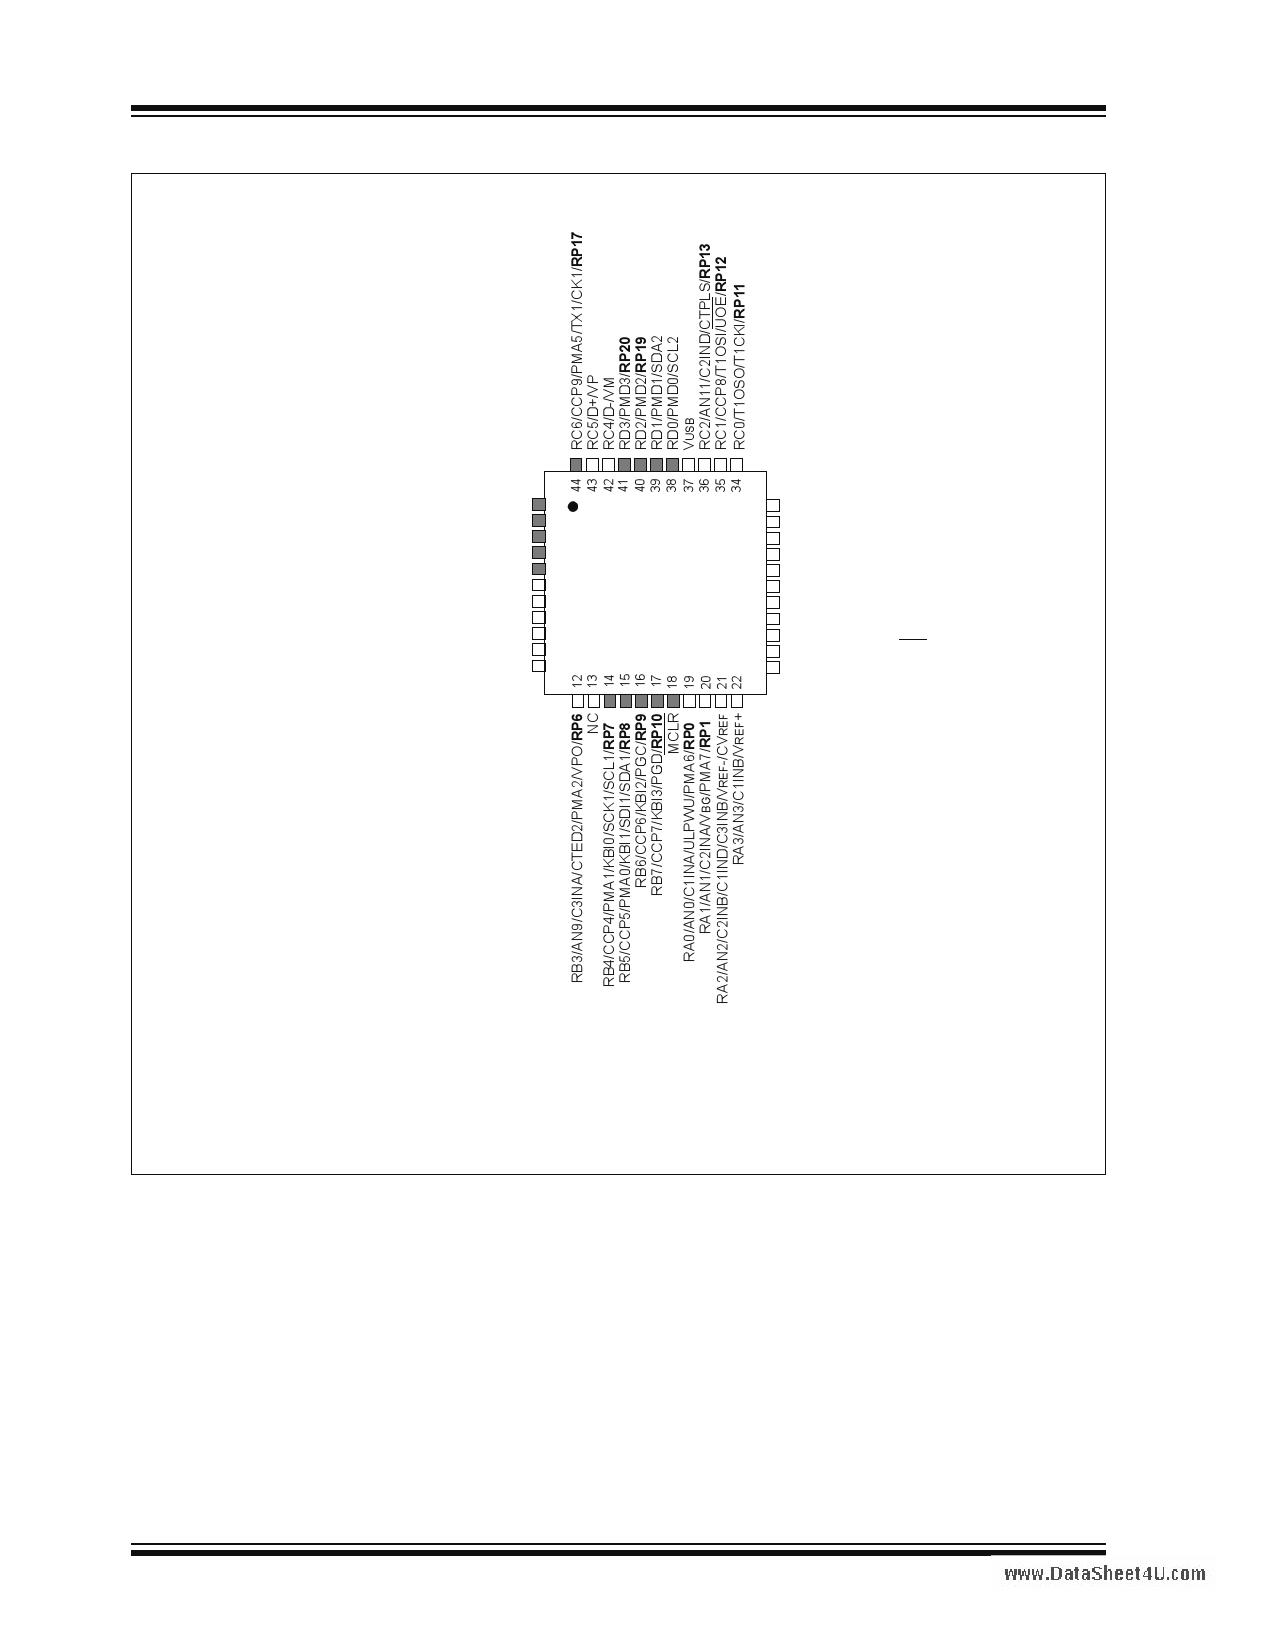 PIC18F46J53 電子部品, 半導体